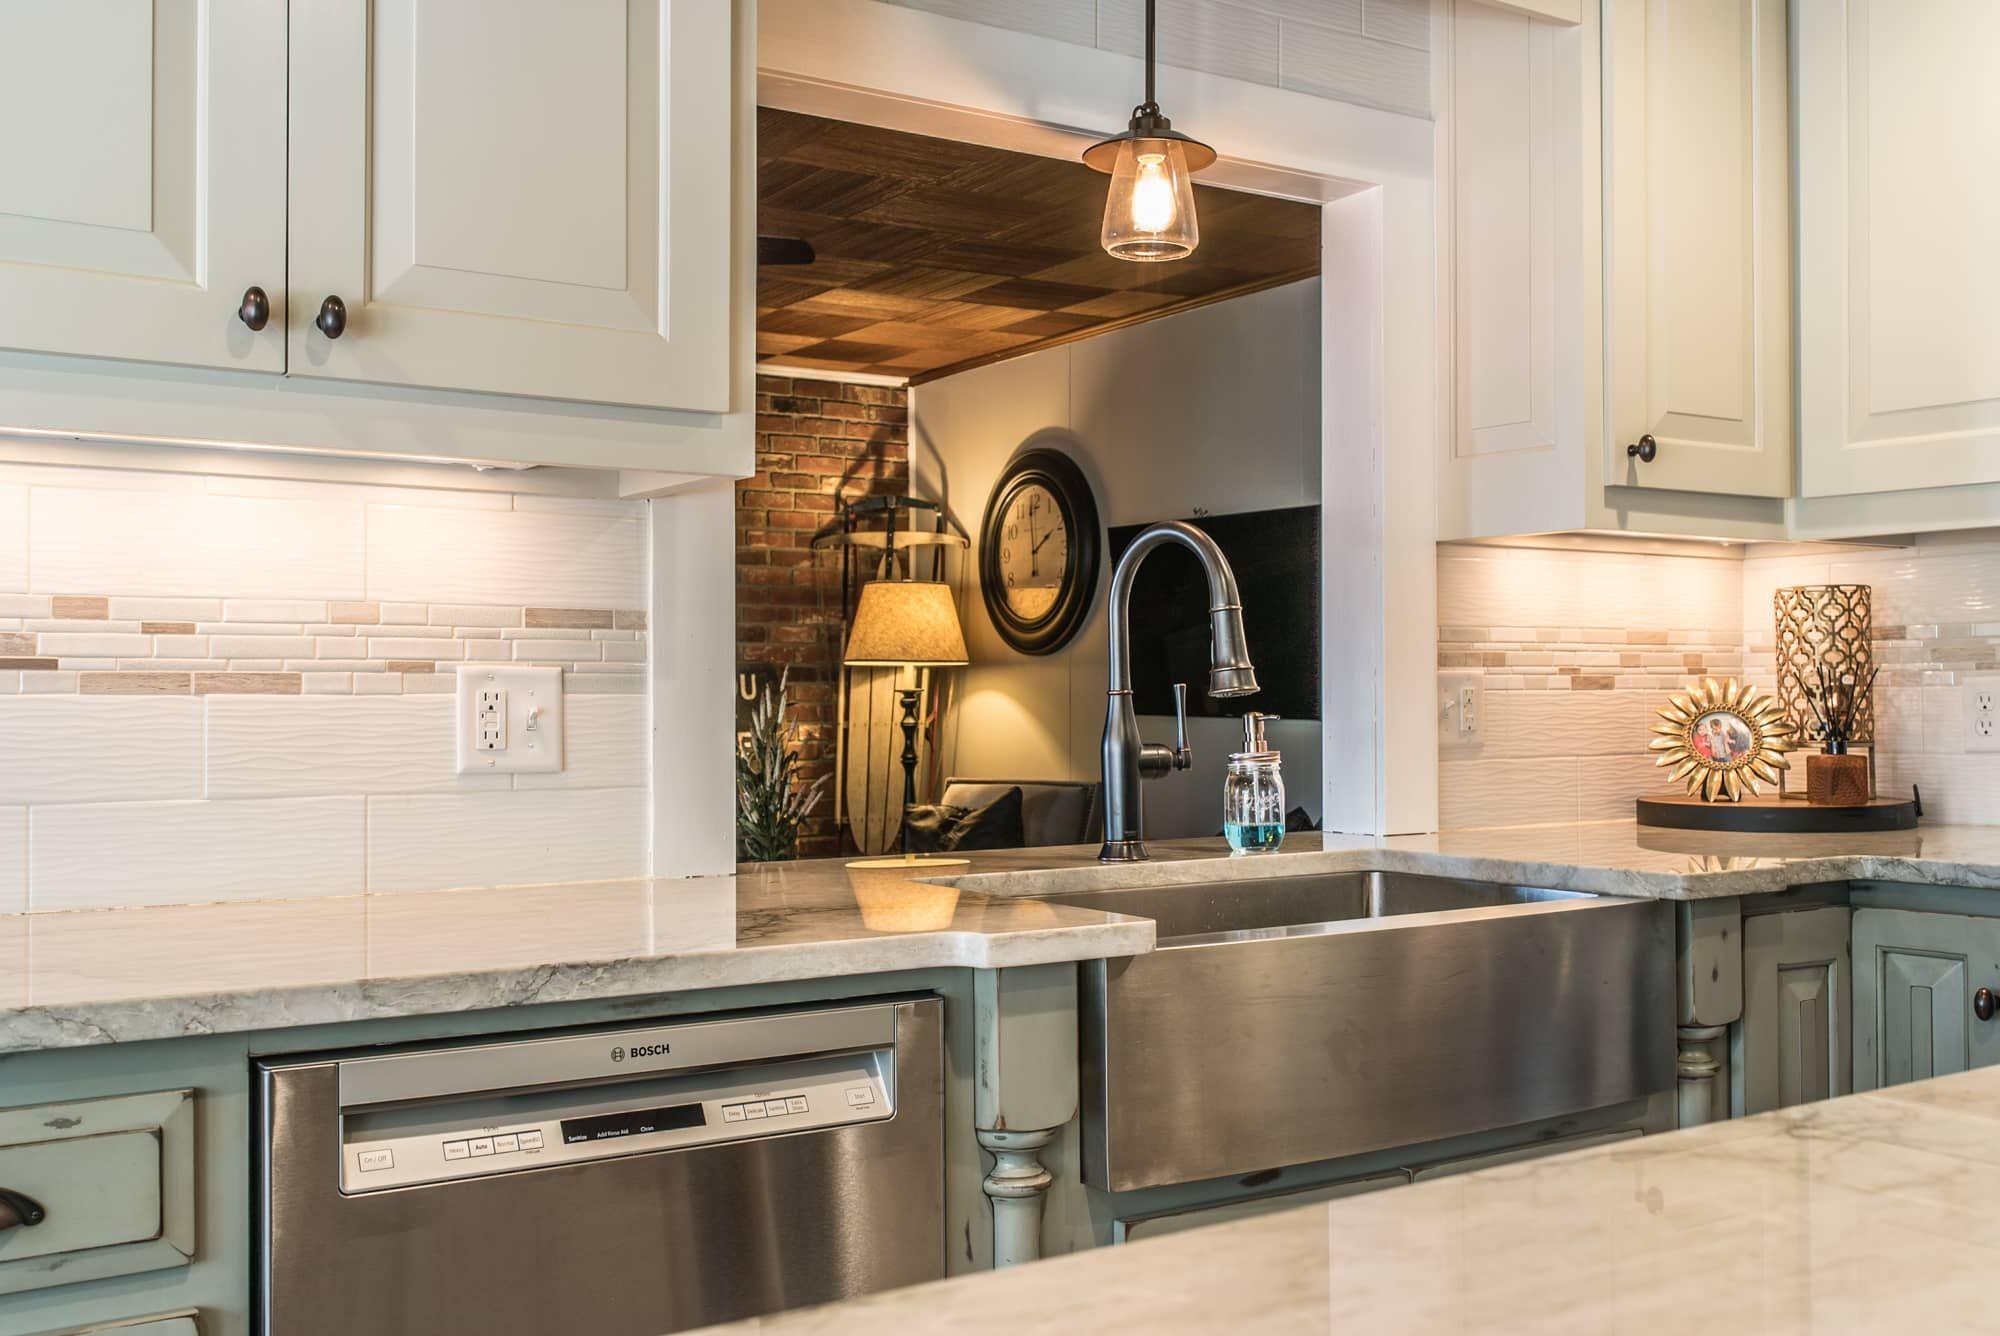 Quartzite Kitchen Countertops Sea Pearl Springfield Mo East Coast Granite Tile 8 In 2020 Kitchen Countertops Replacing Kitchen Countertops Kitchen Tools Design